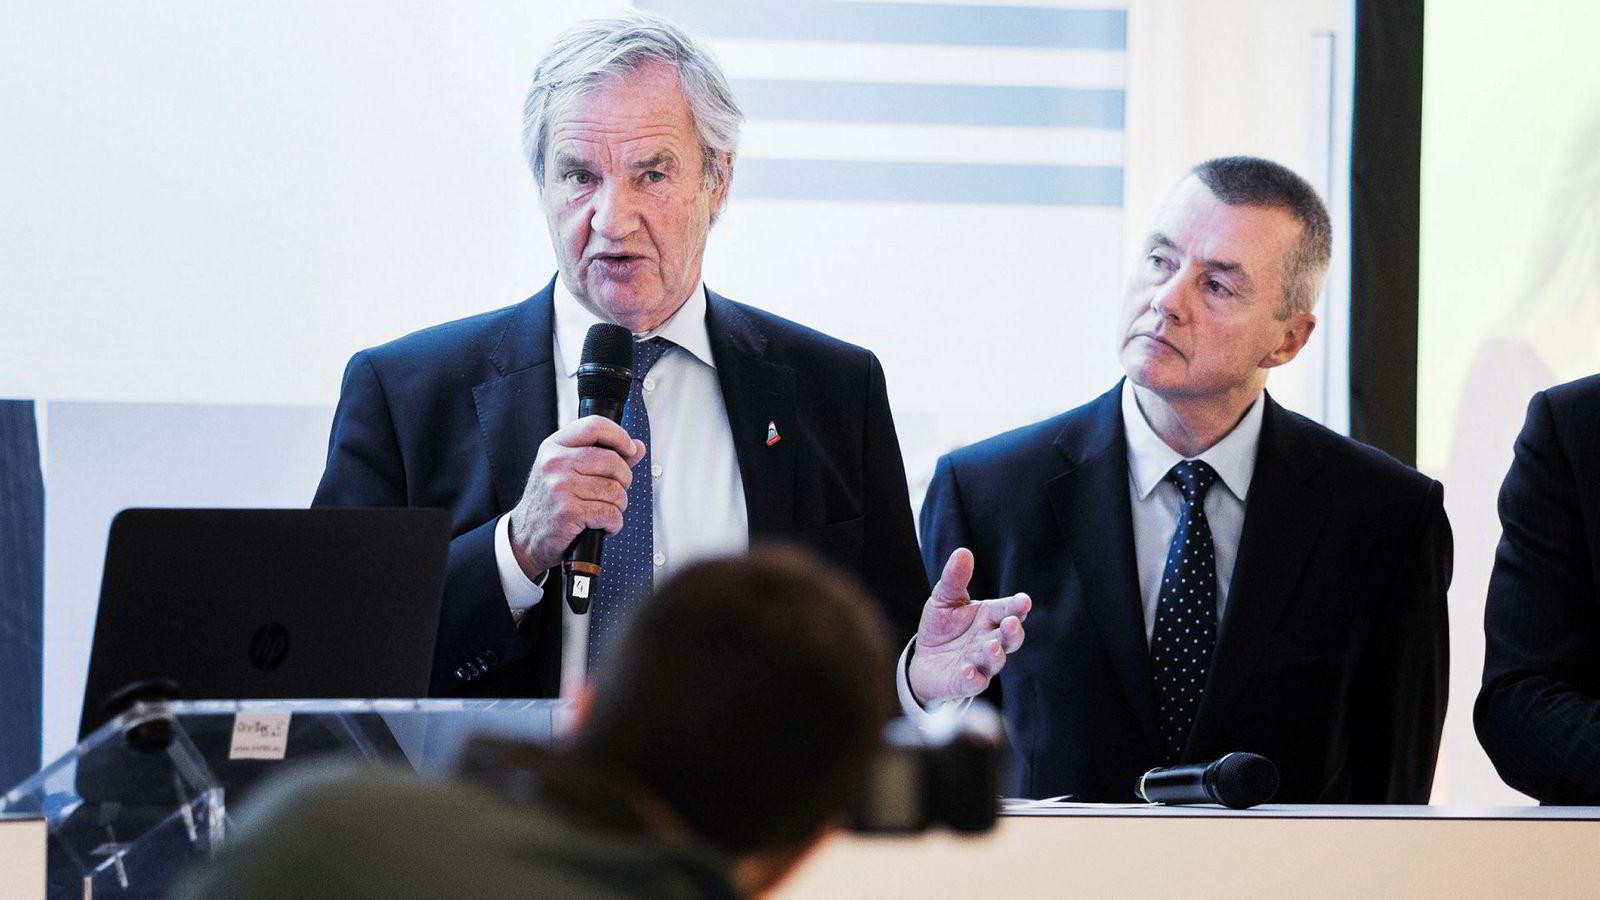 – Vi ønsker Norwegian lykke til. De har tydeligvis en utfordring i forsøket på å prøve å styrke balansen, og med å generere ytterligere kontanter, skriver IAG-sjef Willie Walsh (til høyre) i et brev til IAG-aksjonærene. Her sammen med Norwegian-sjef Bjørn Kjos.